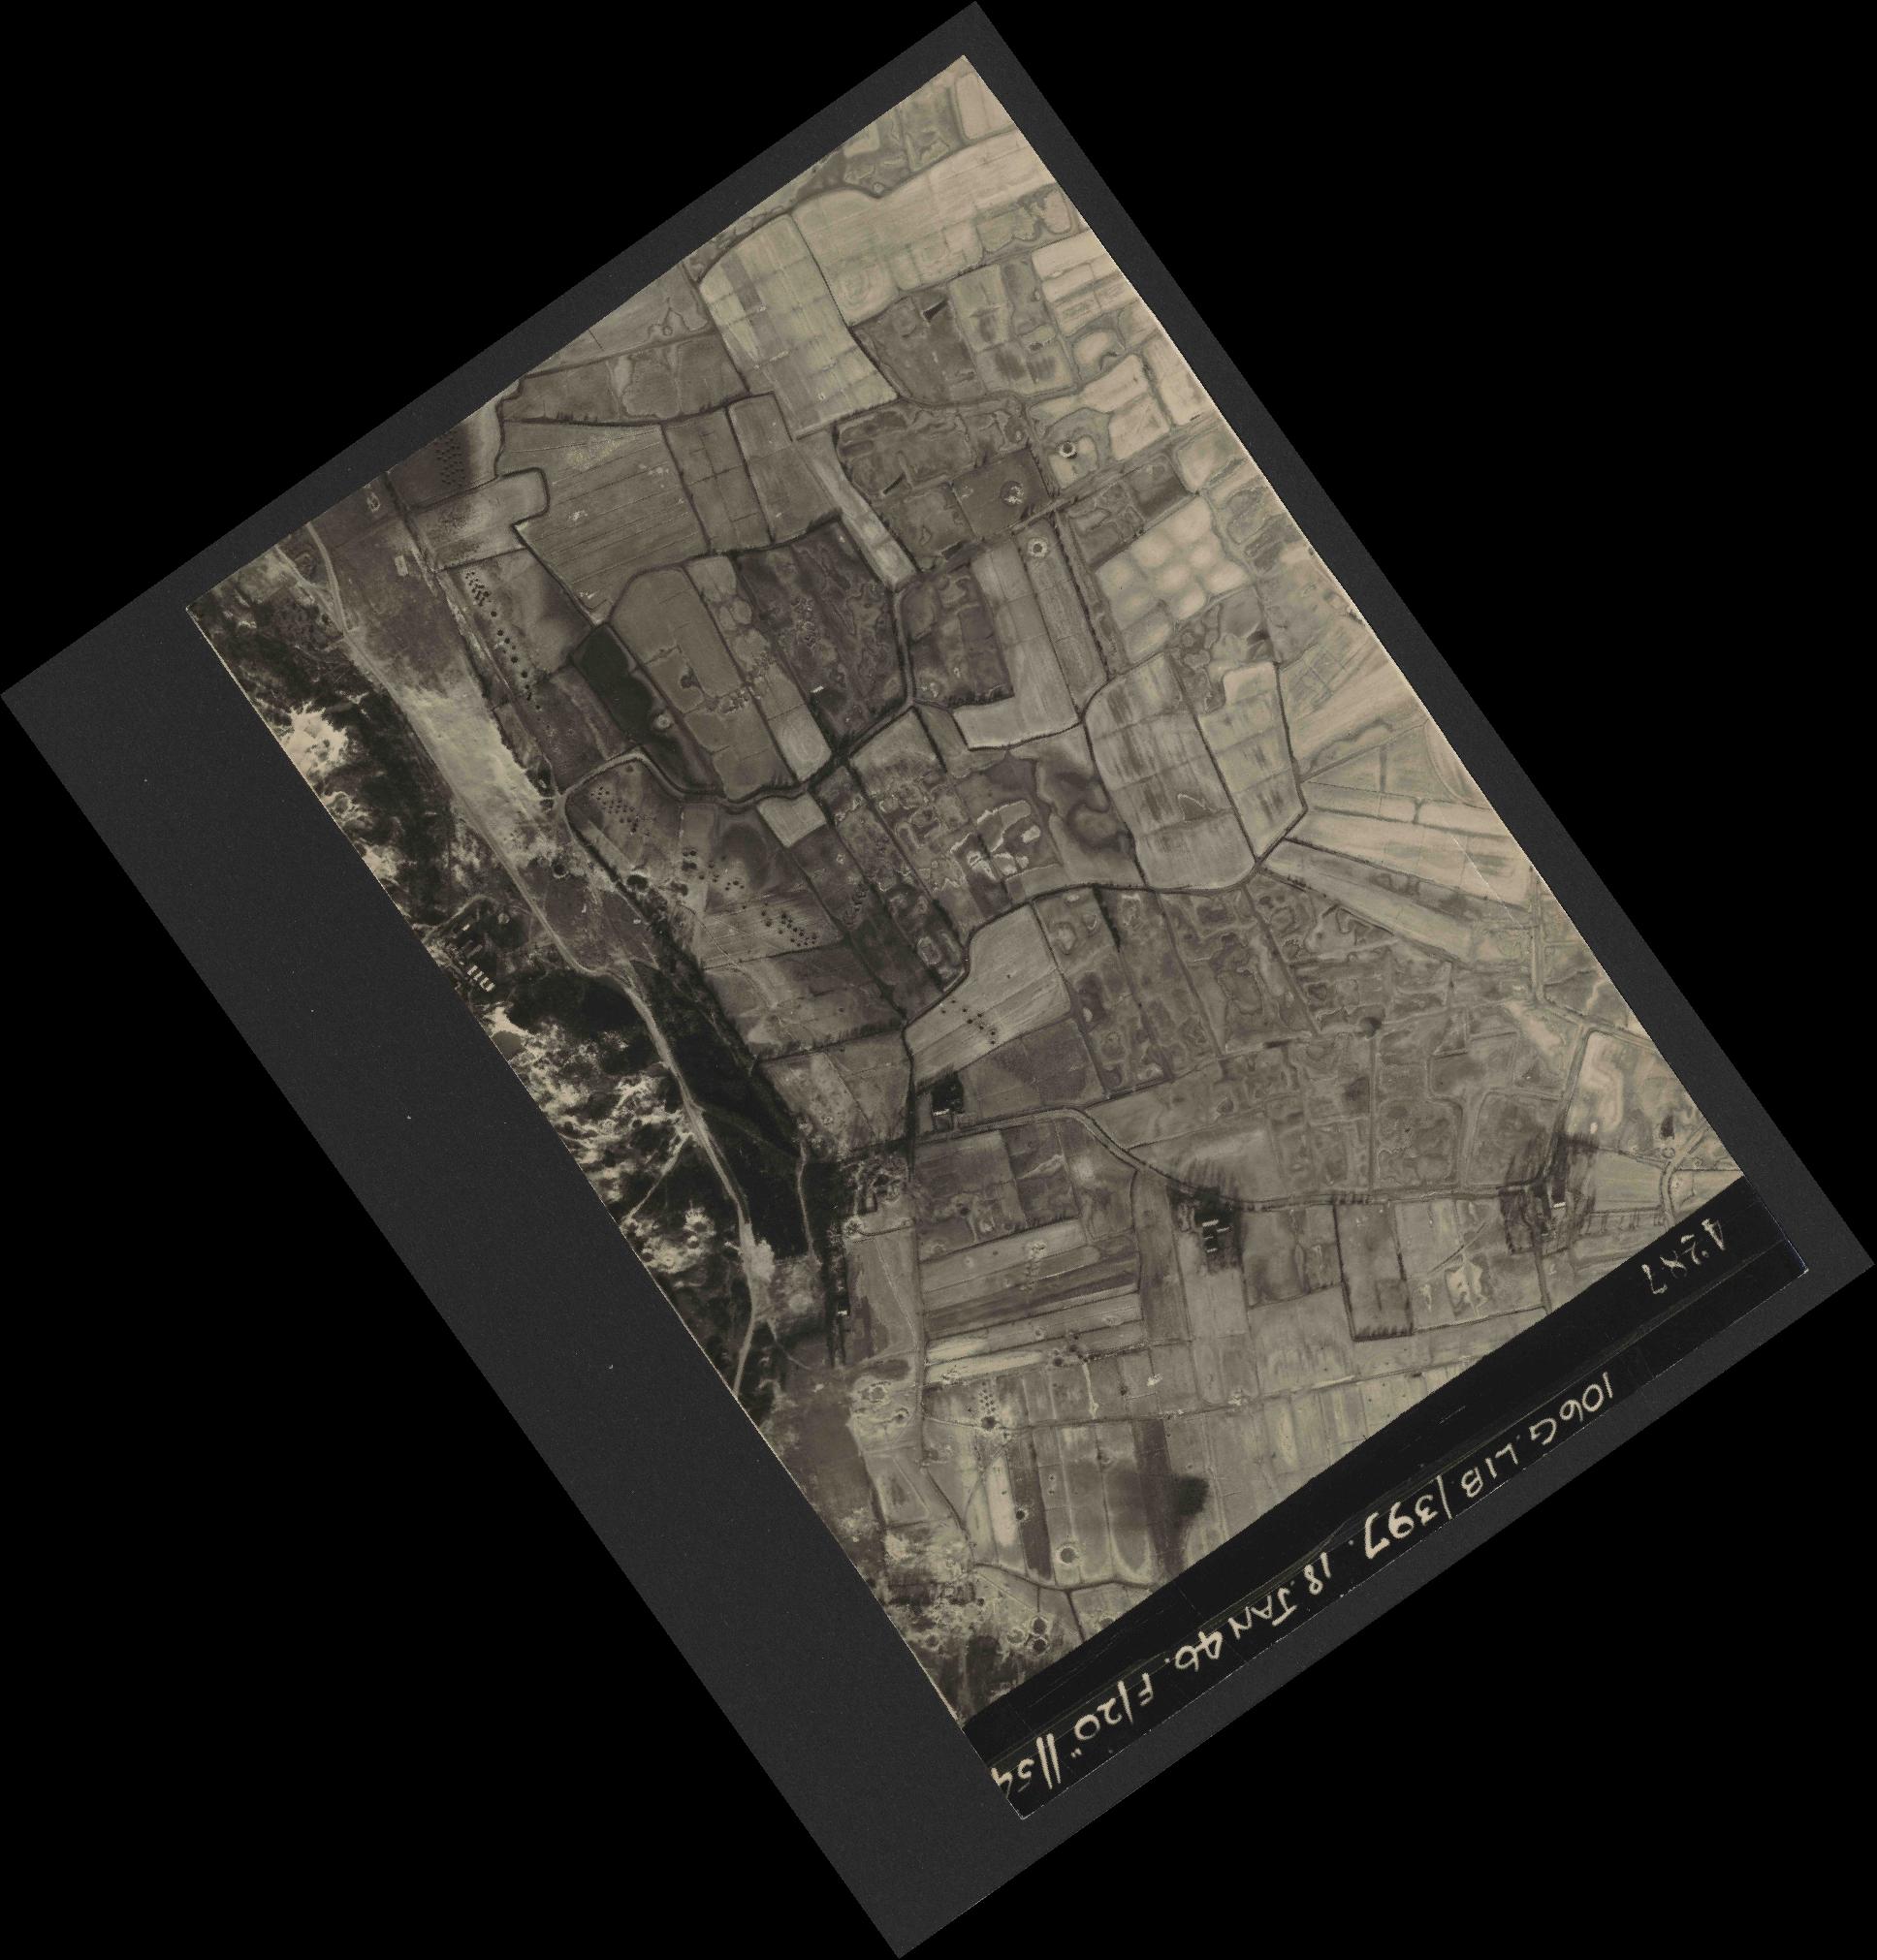 Collection RAF aerial photos 1940-1945 - flight 118, run 15, photo 4287